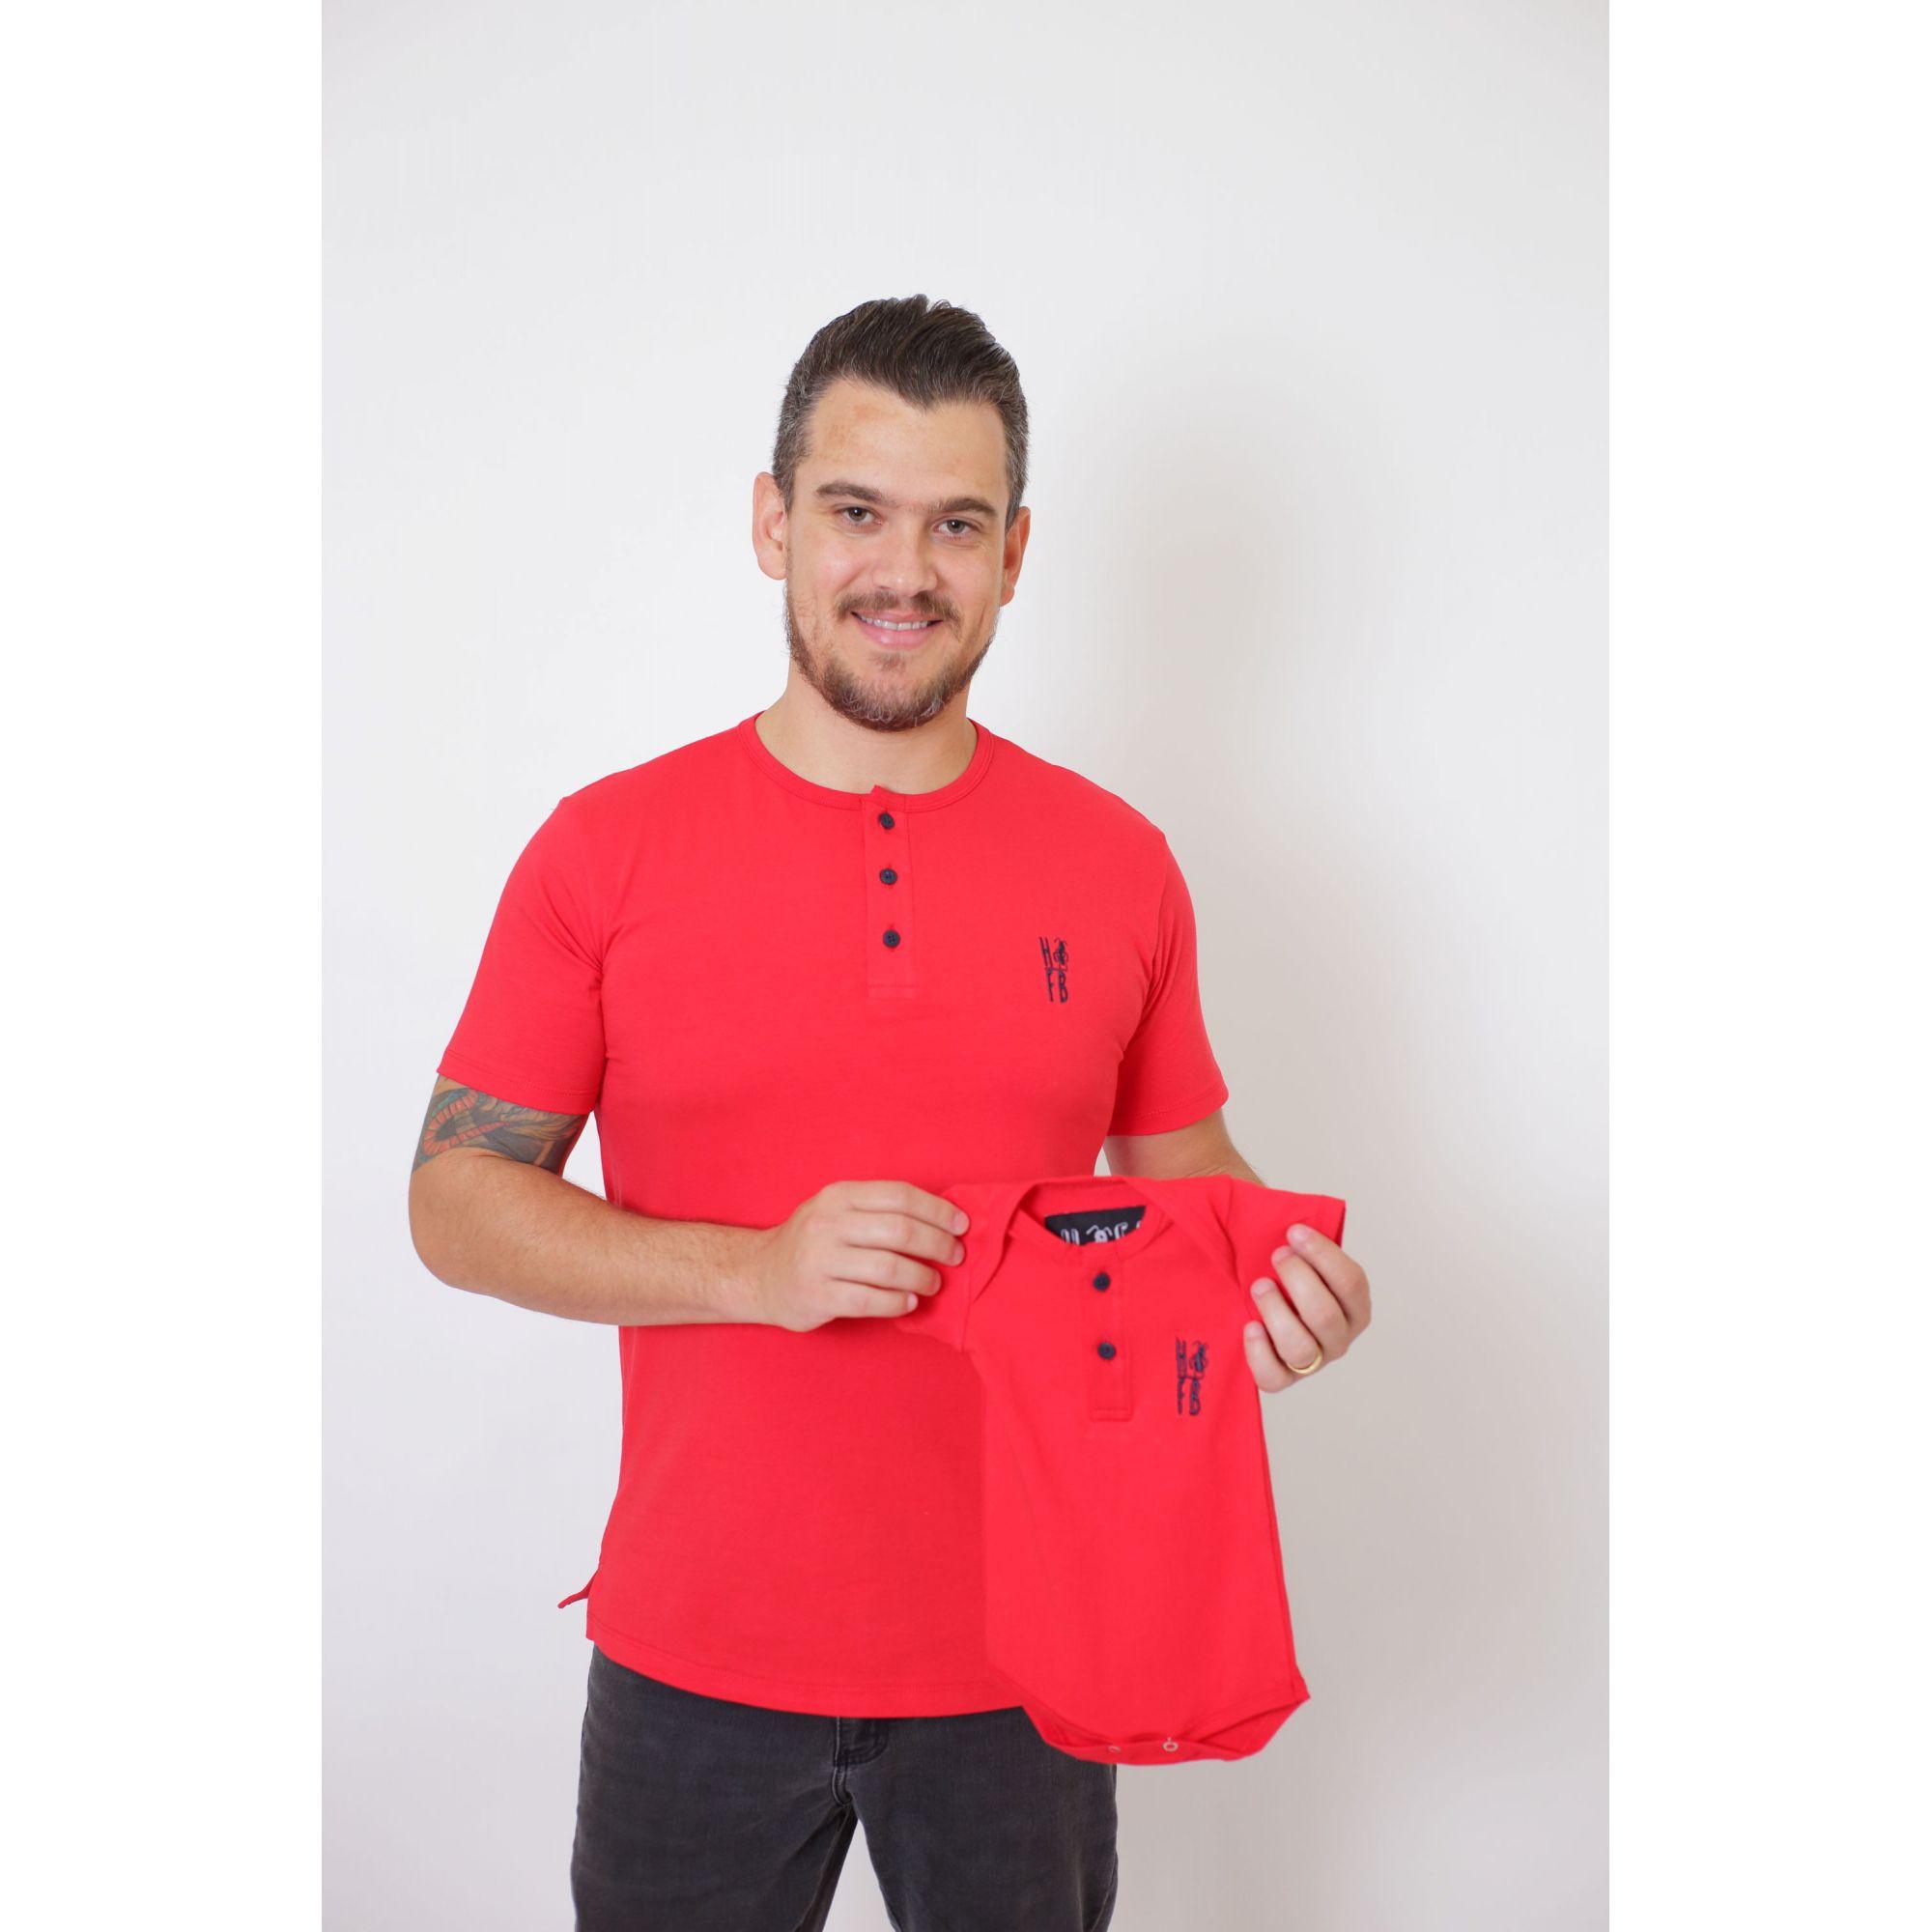 PAIS E FILHOS > Kit 3 Peças T-Shirt + Vestido + t-Shirt ou Body Infantil Henley - Vermelho [Coleção Família]  - Heitor Fashion Brazil